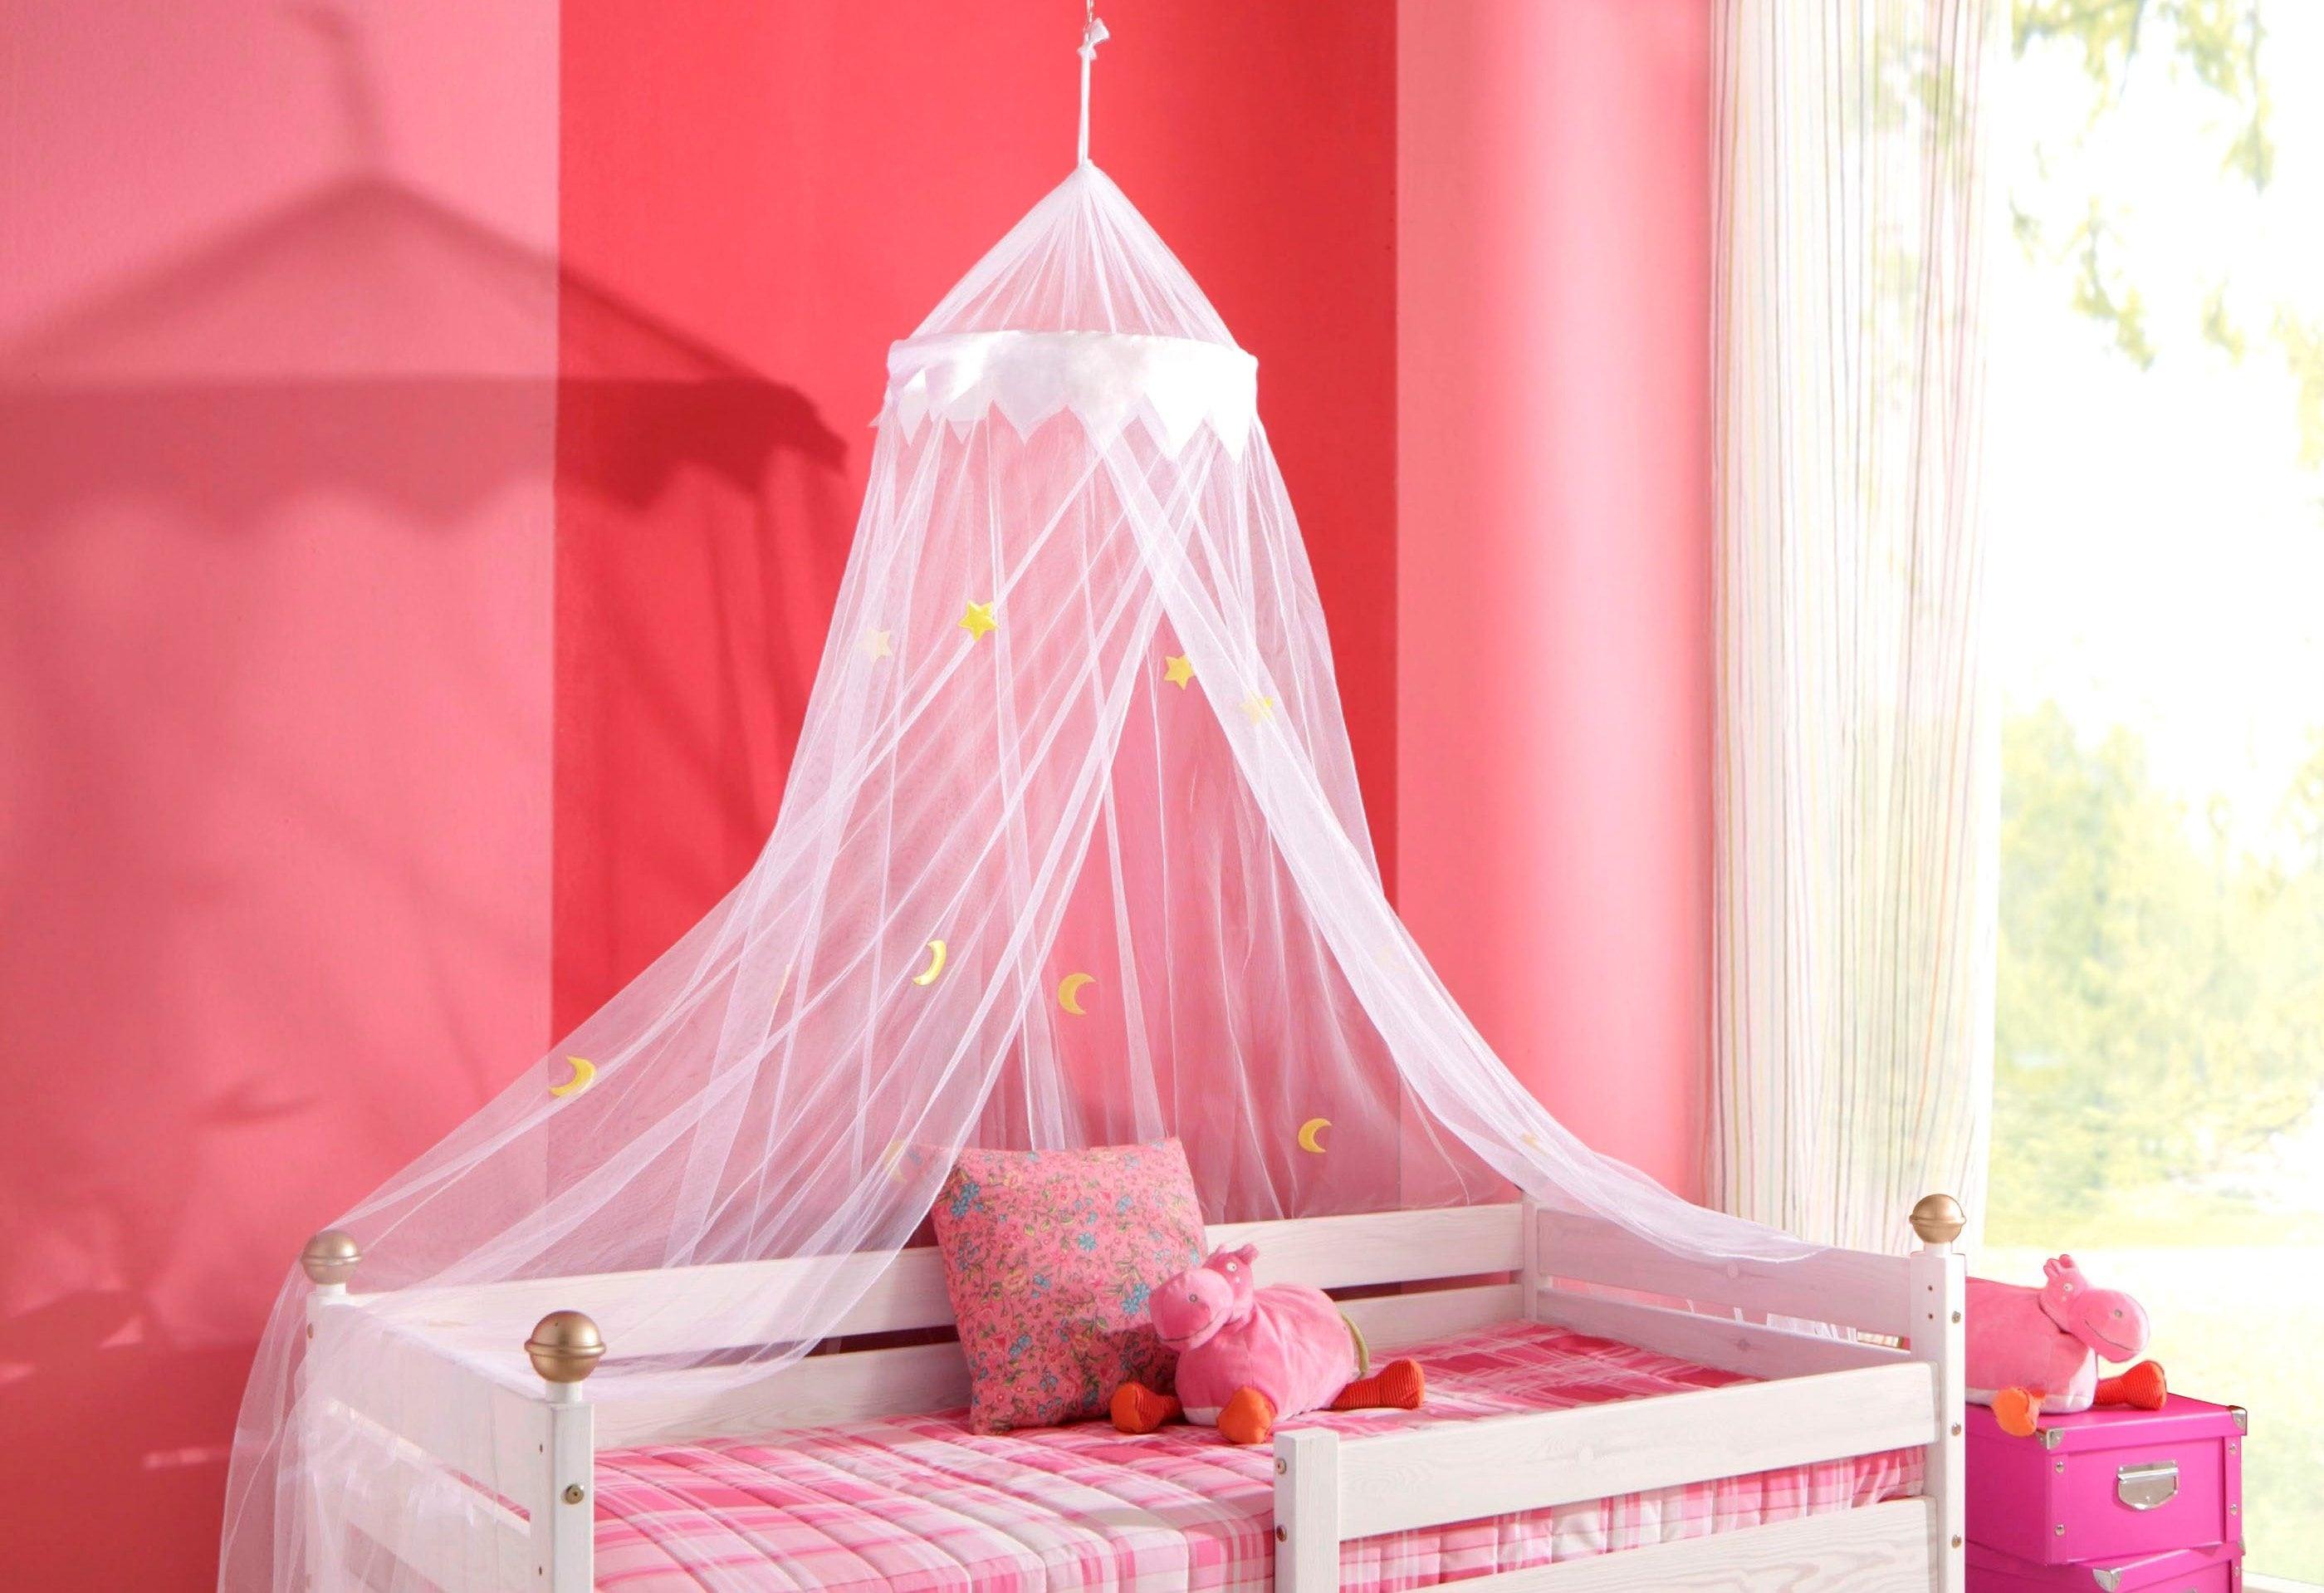 f r baldachin kette preisvergleich die besten angebote online kaufen. Black Bedroom Furniture Sets. Home Design Ideas